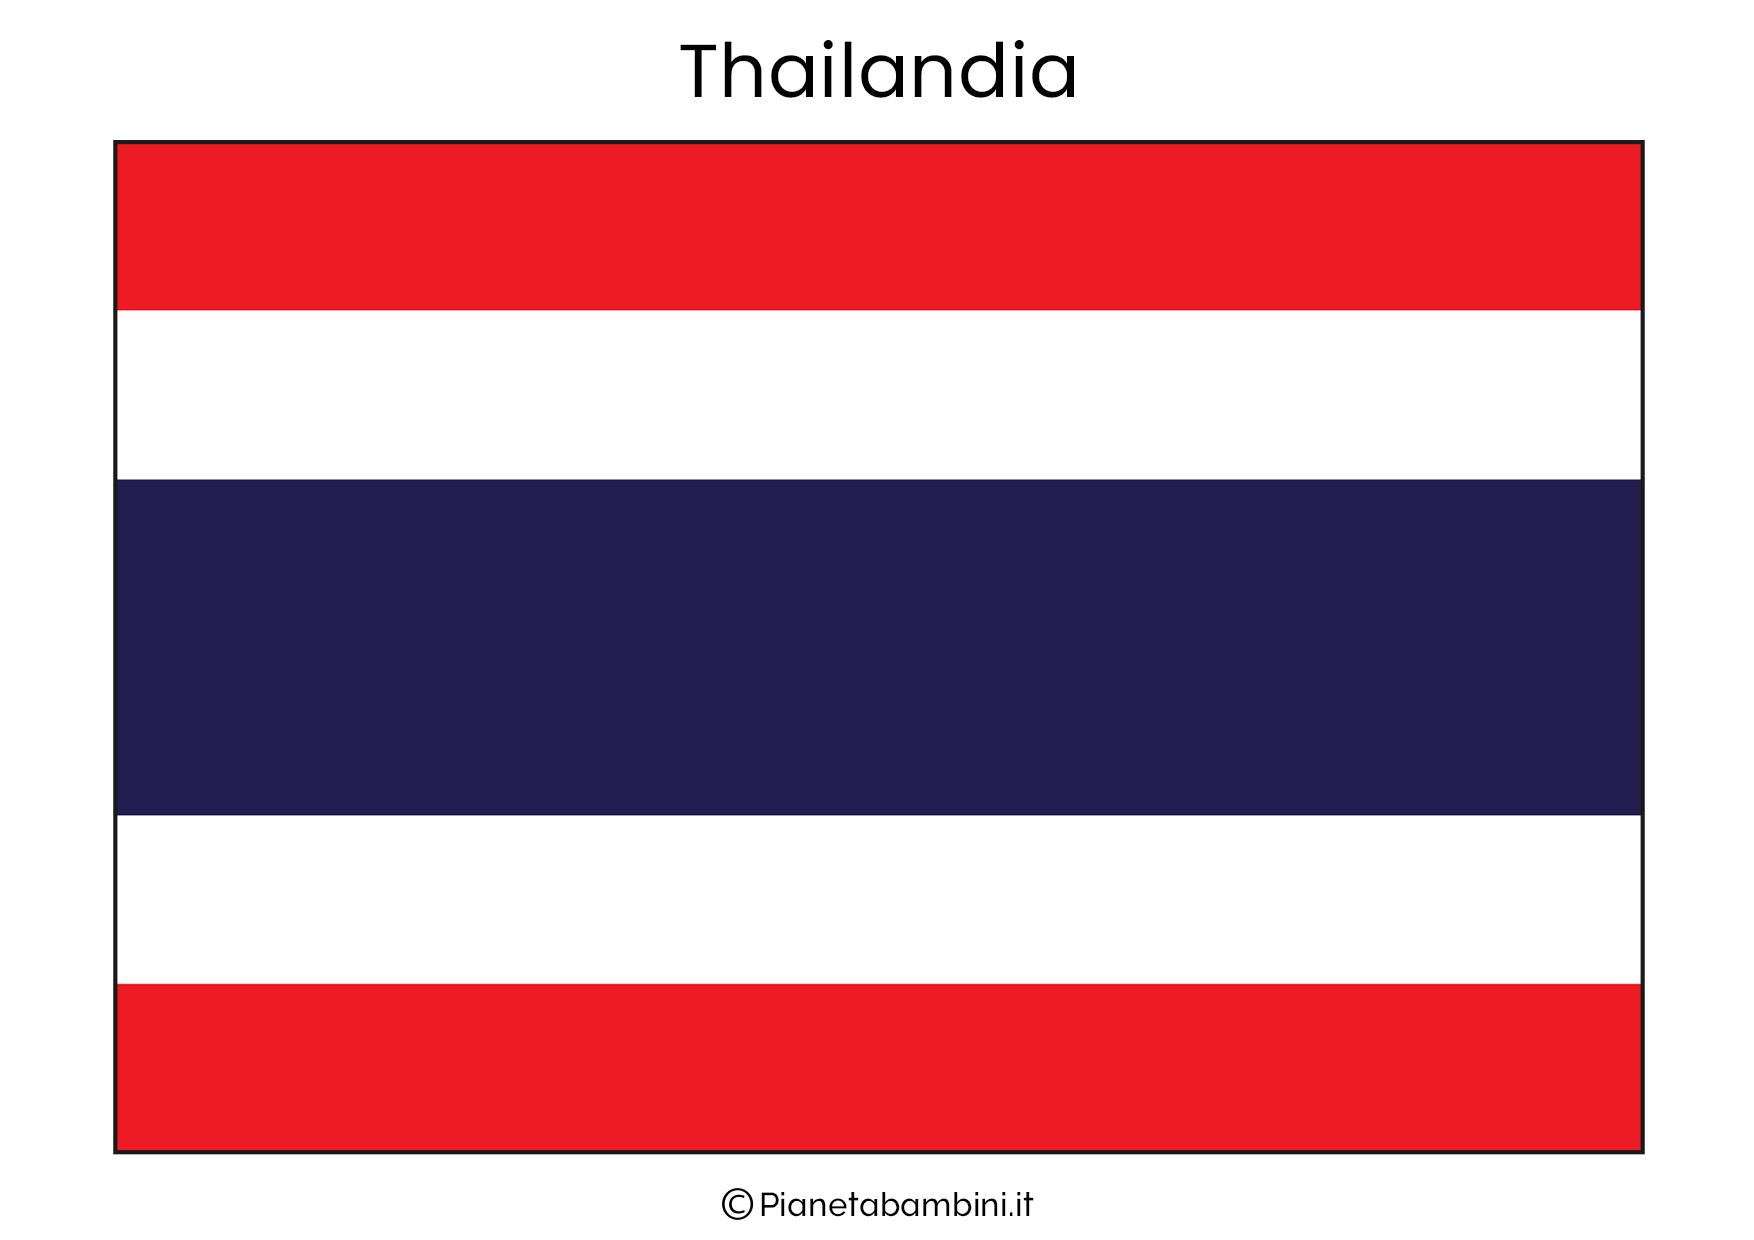 Bandiera della Thailandia da stampare